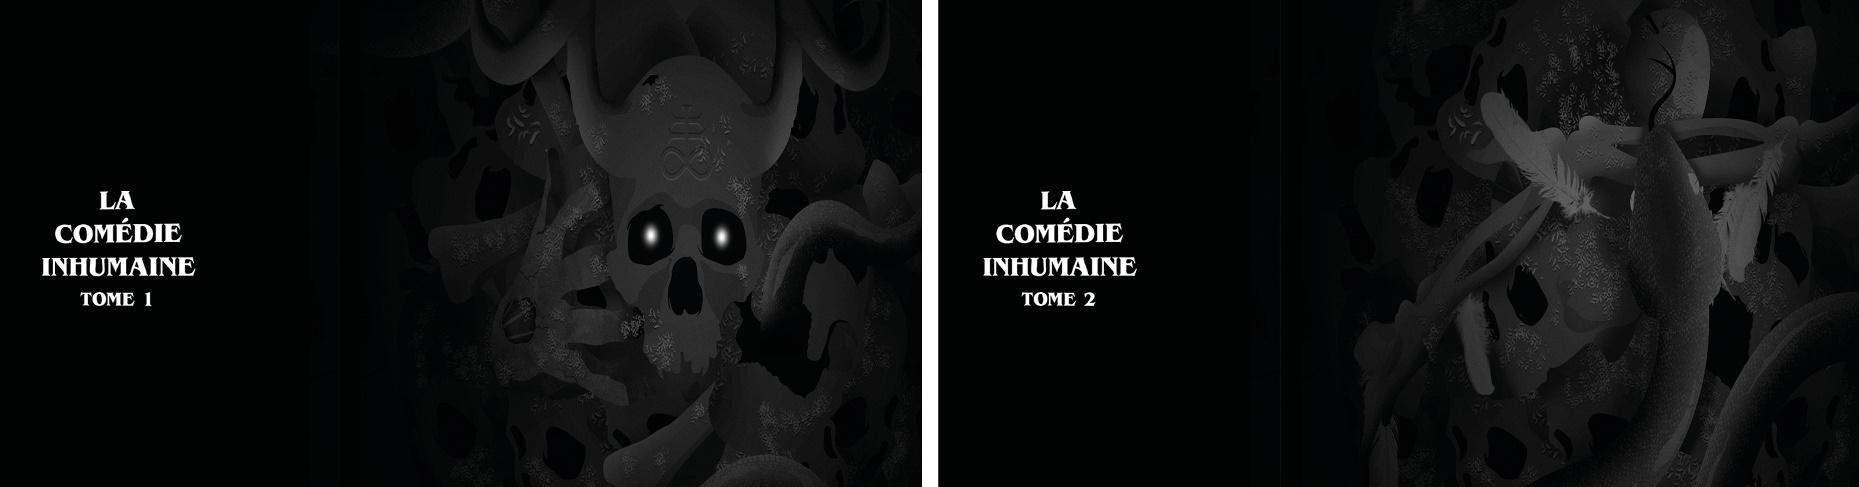 La Comédie inhumaine de Michel Pagel - Entretien avec l'auteur